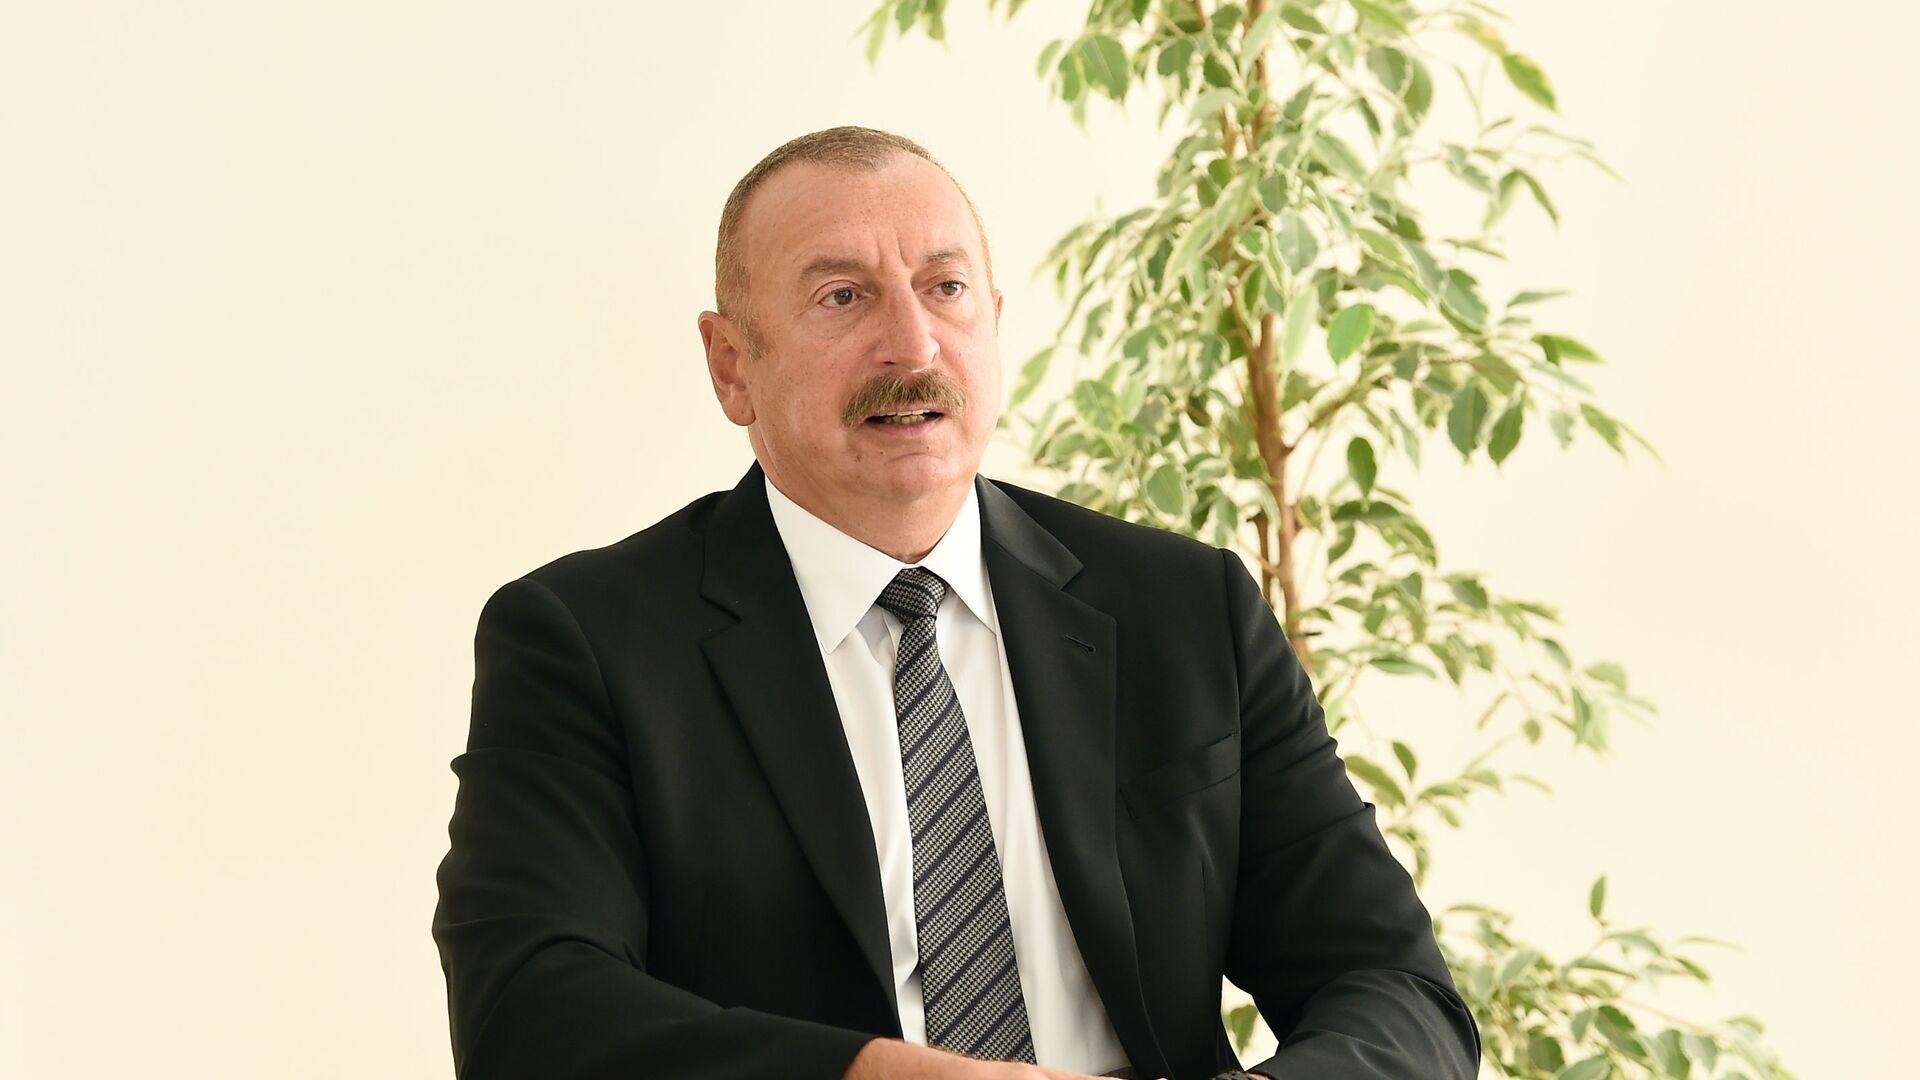 Президент Ильхам Алиев принял участие в церемонии предоставления квартир и автомобилей семьям шехидов и инвалидам войны в поселке Ходжасан - Sputnik Азербайджан, 1920, 14.07.2021